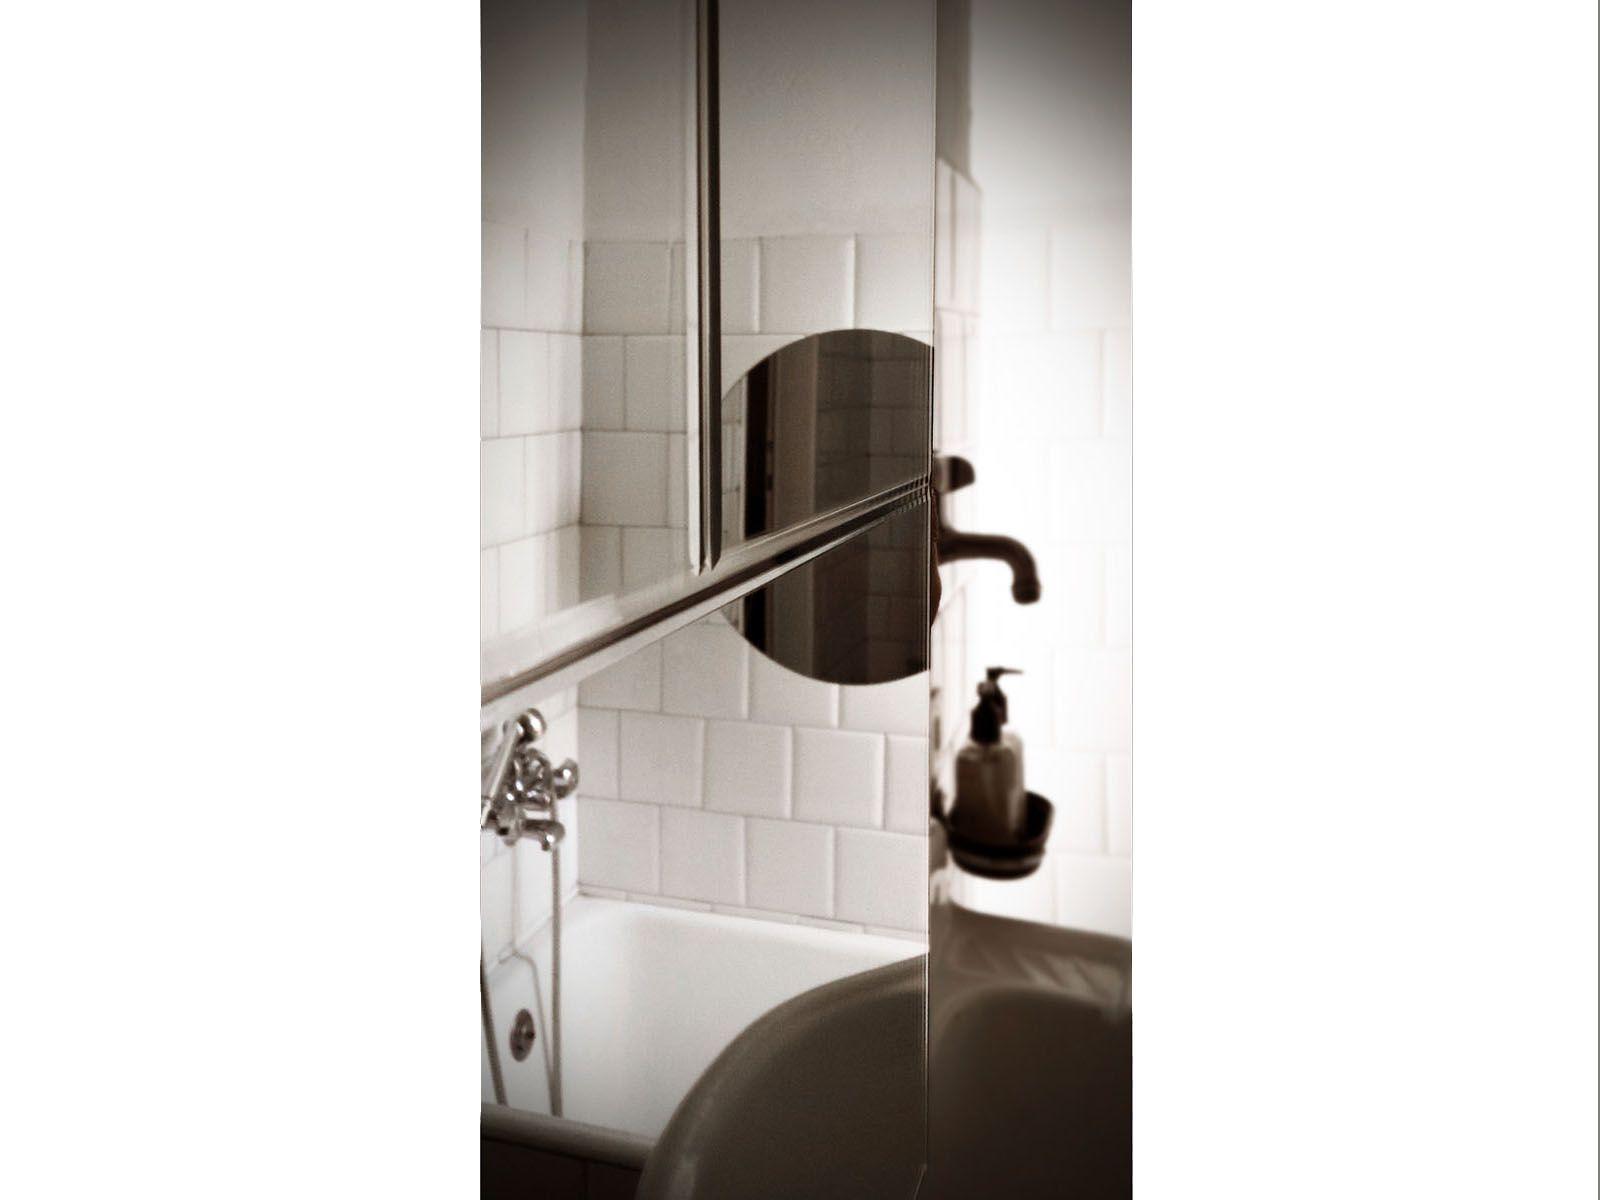 Scaldasalviette elettrico a parete a specchio mirror - Specchio a parete ...